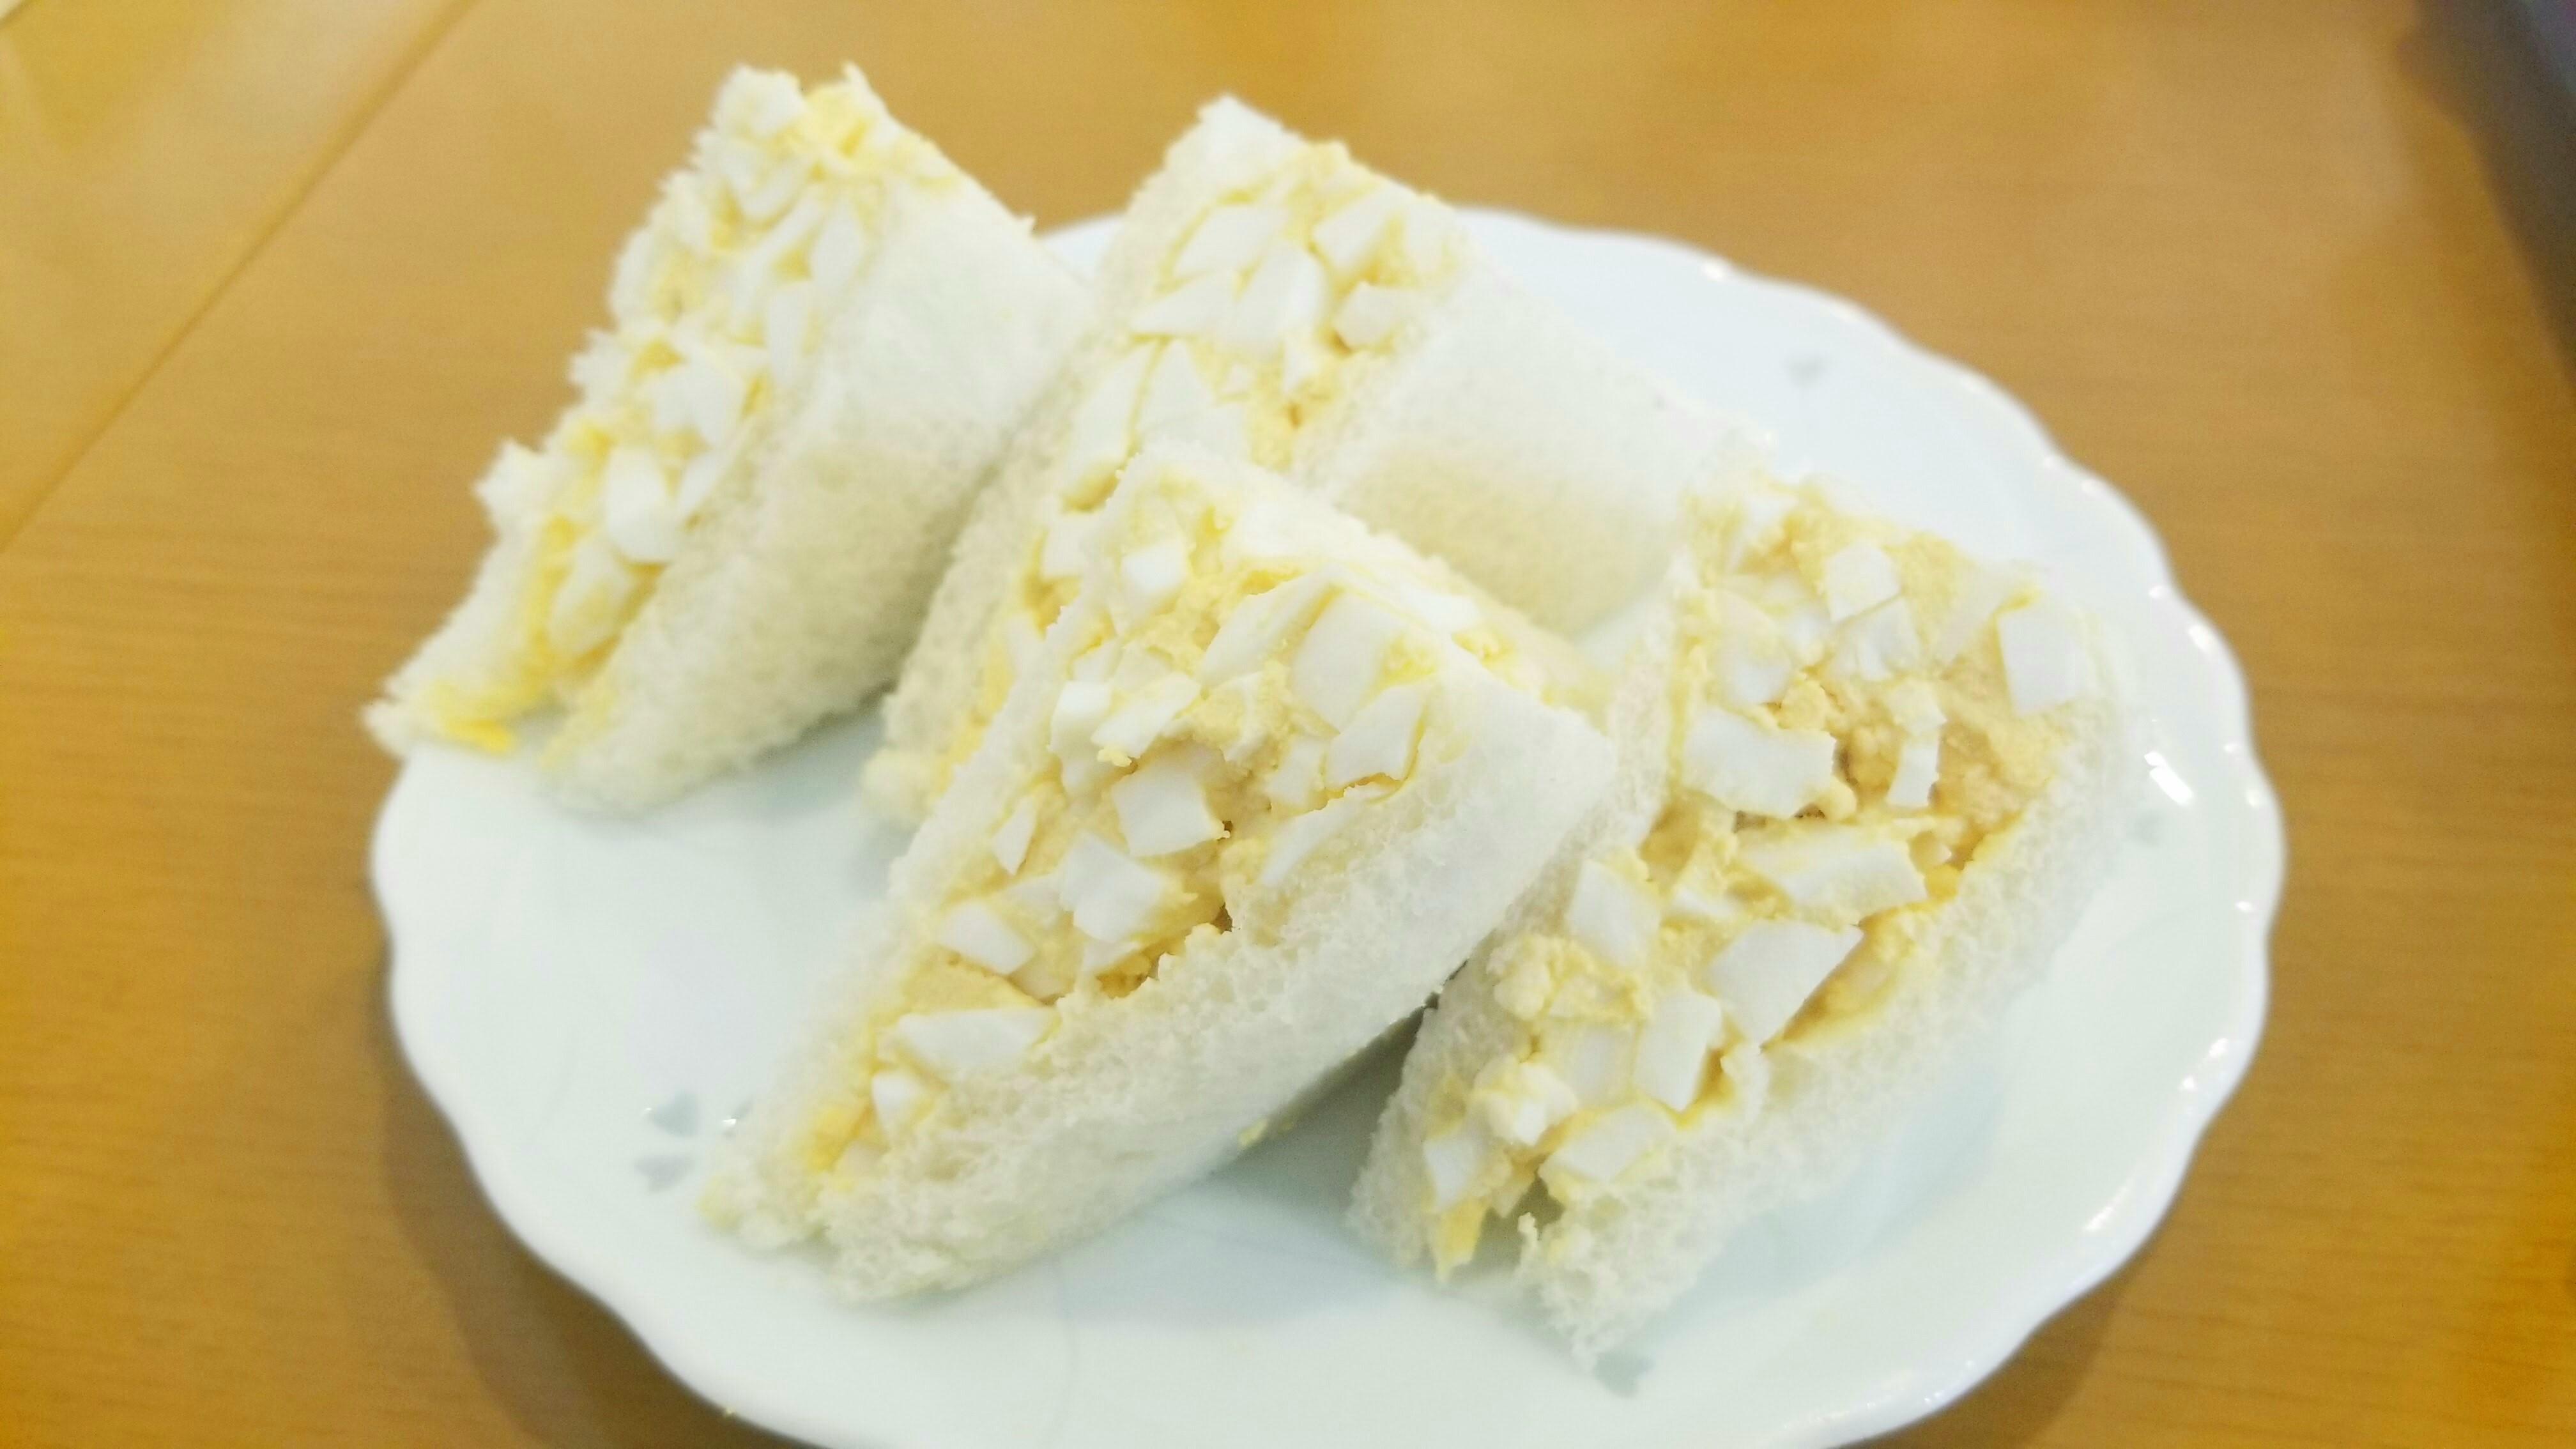 懐かしい味美味しいサンドイッチ愛媛四国グルメ巡り大好きなたまご